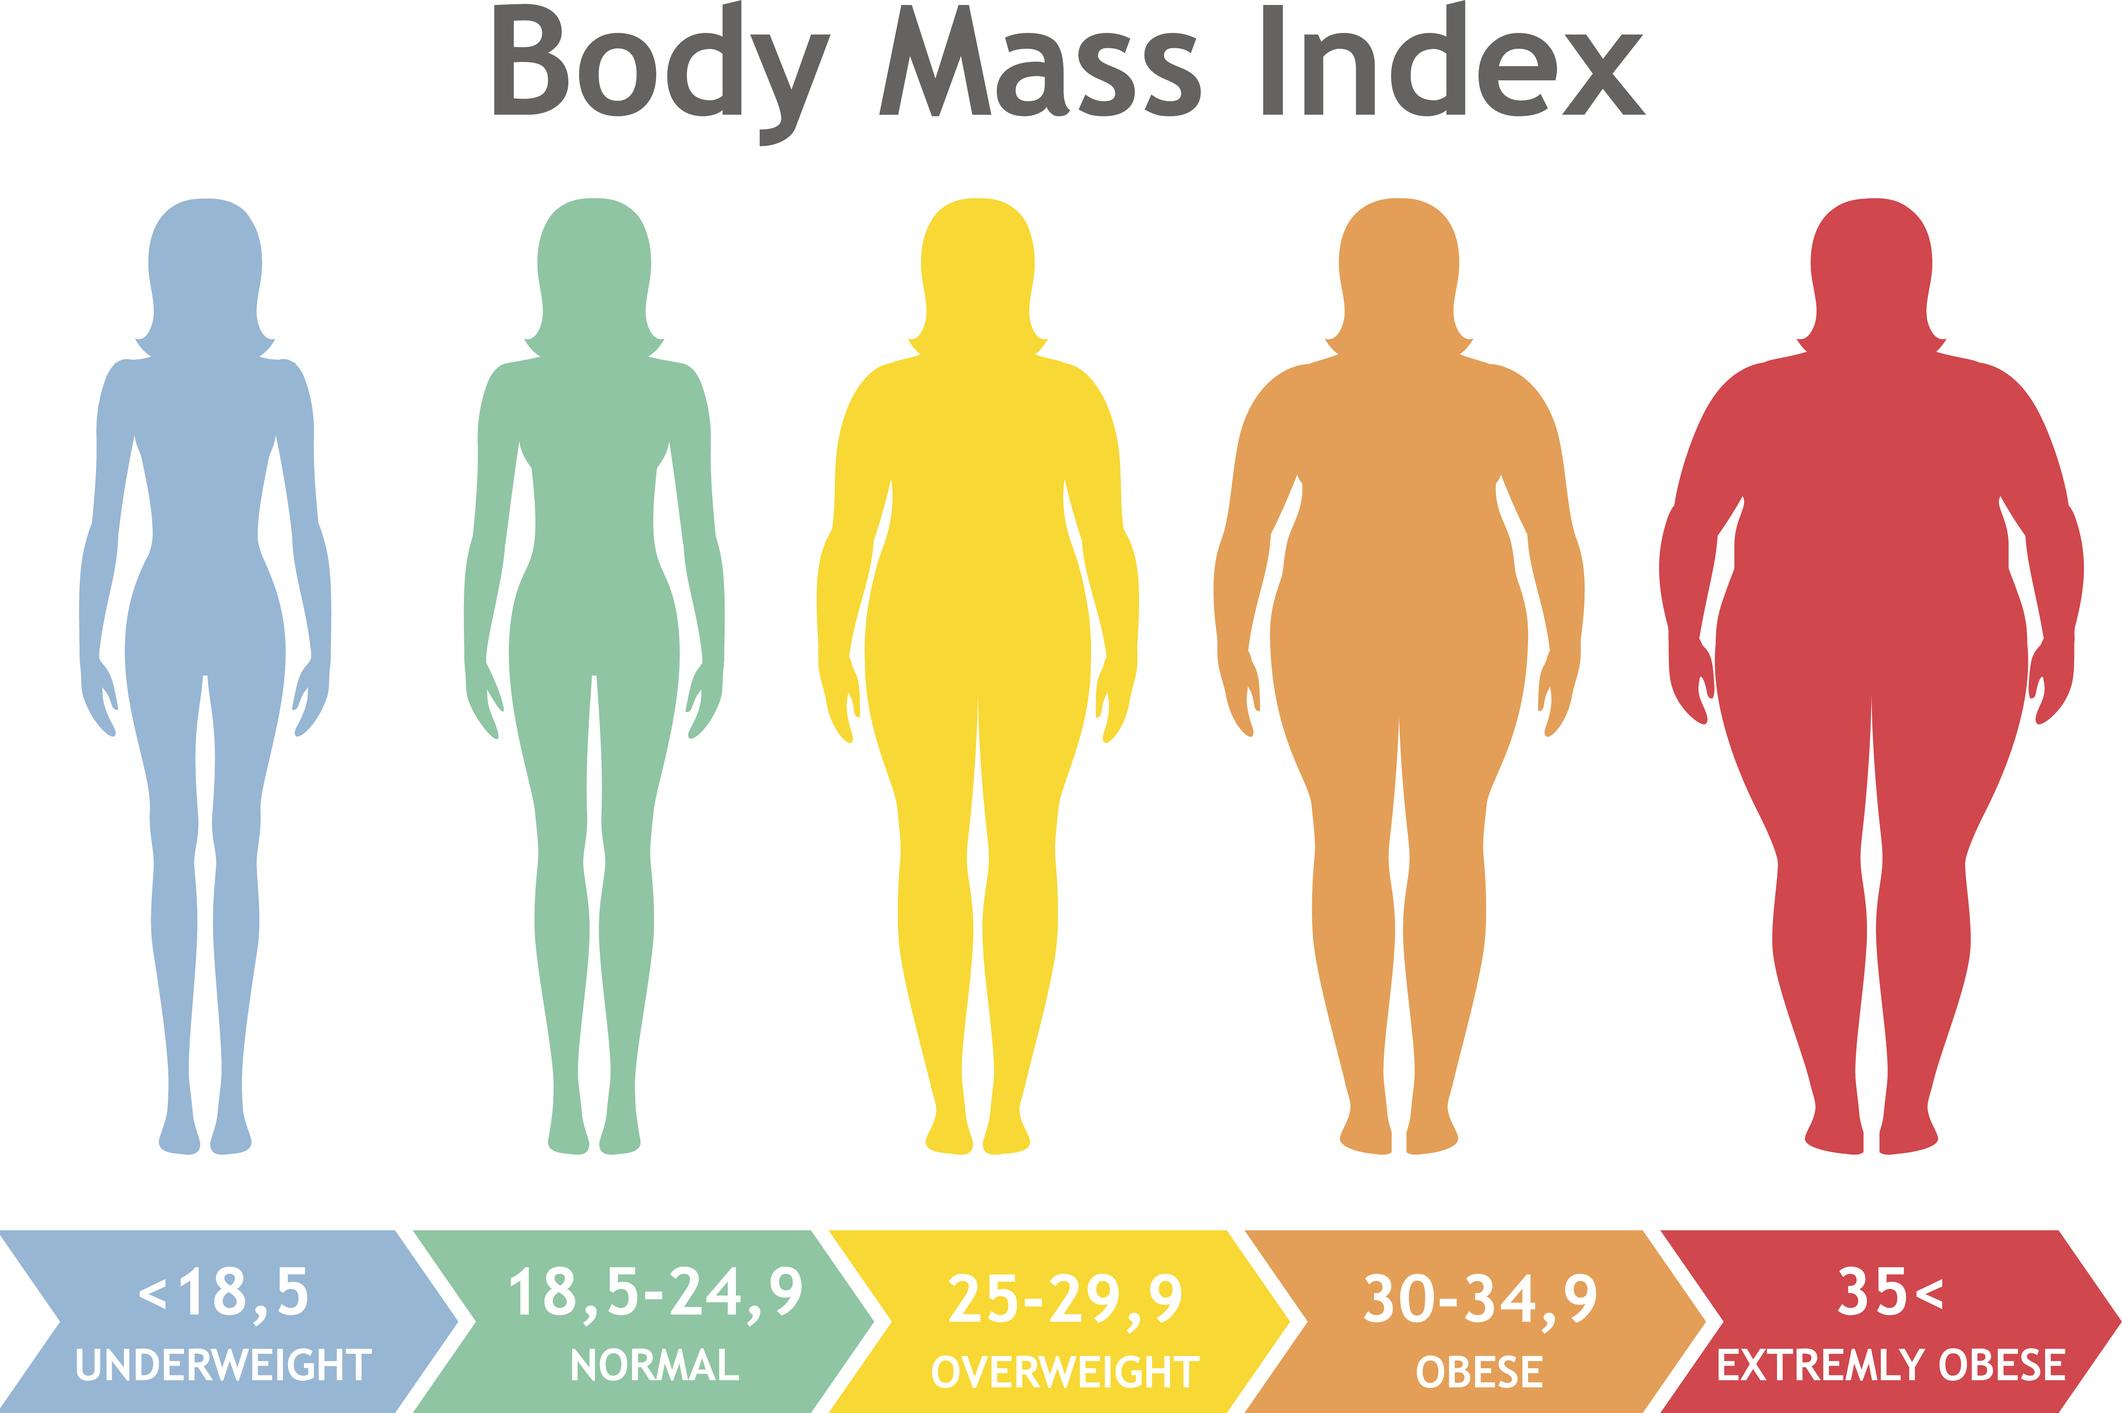 недорогие средства для похудения эффективные люди